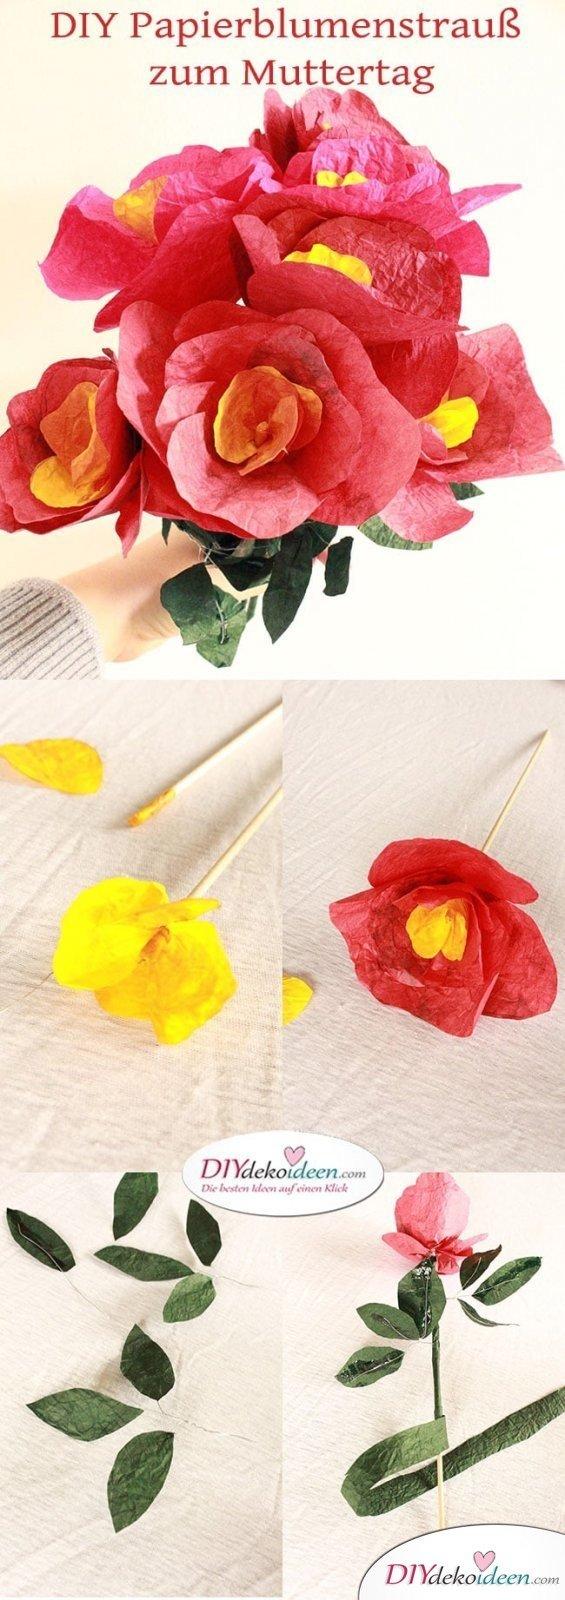 Geschenke zum Muttertag selber machen - DIY Papierblumenstrrauß